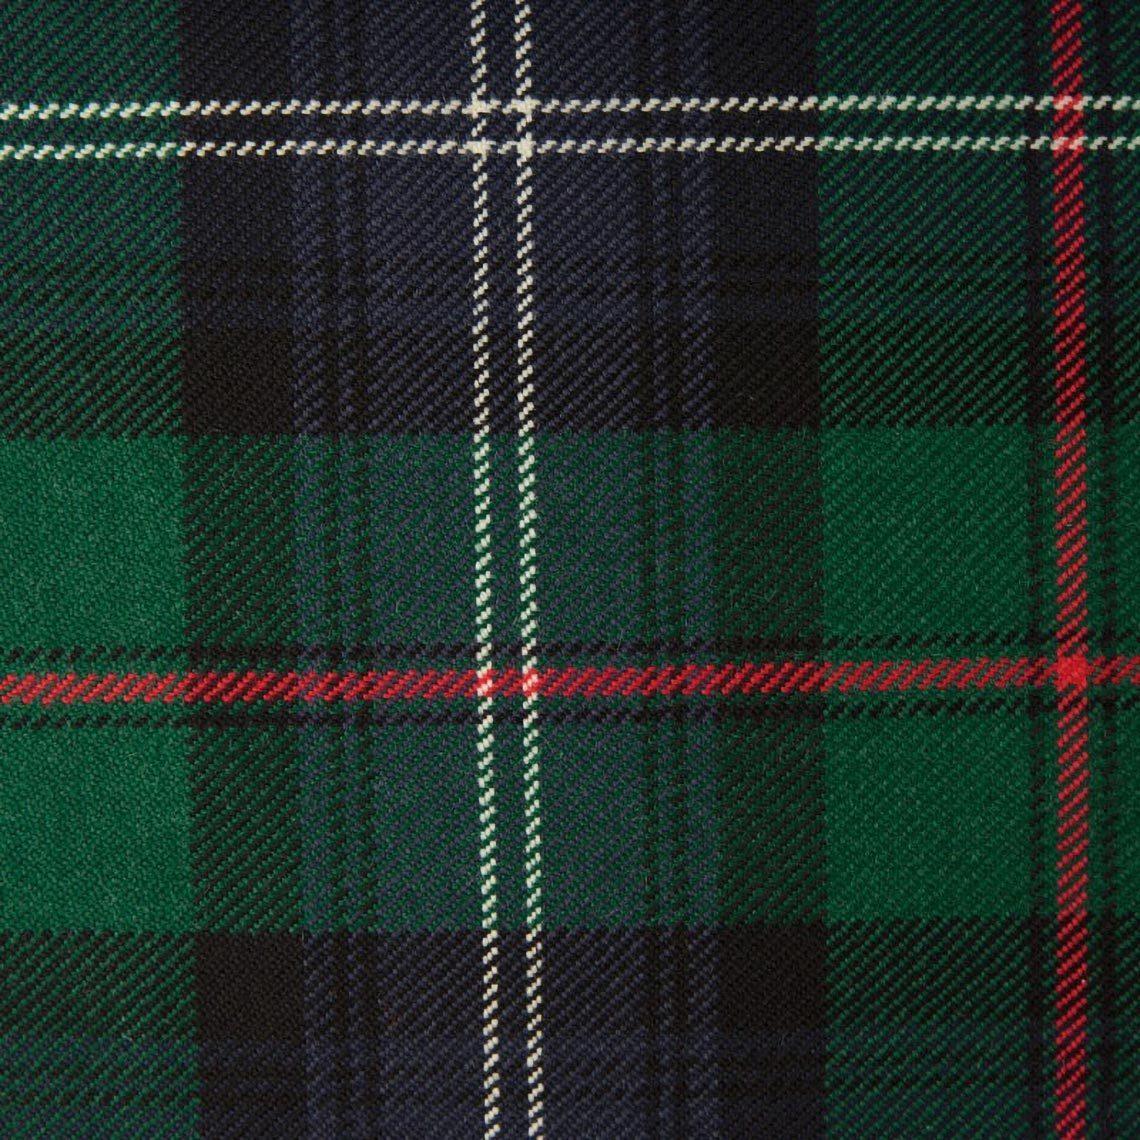 Urquhart (Modern) Kilt